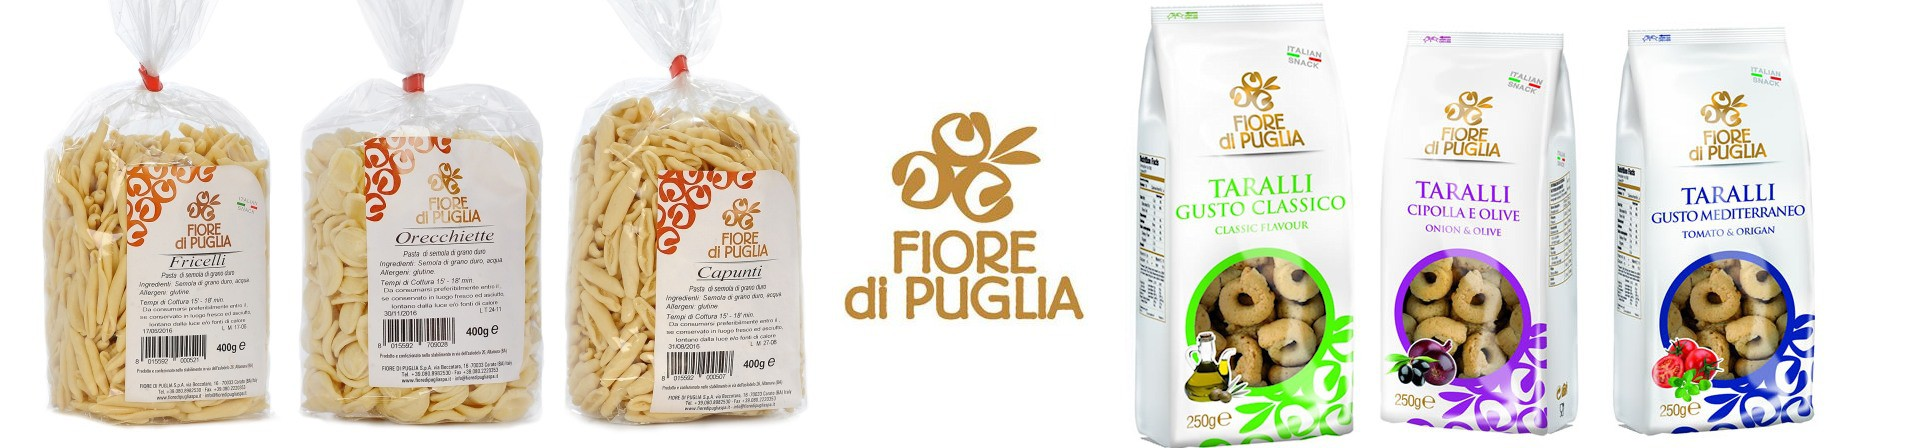 B2B GUSTOX - il Marketplace all'ingrosso delle eccellenze agroalimentari italiane - FIORE DI PUGLIA